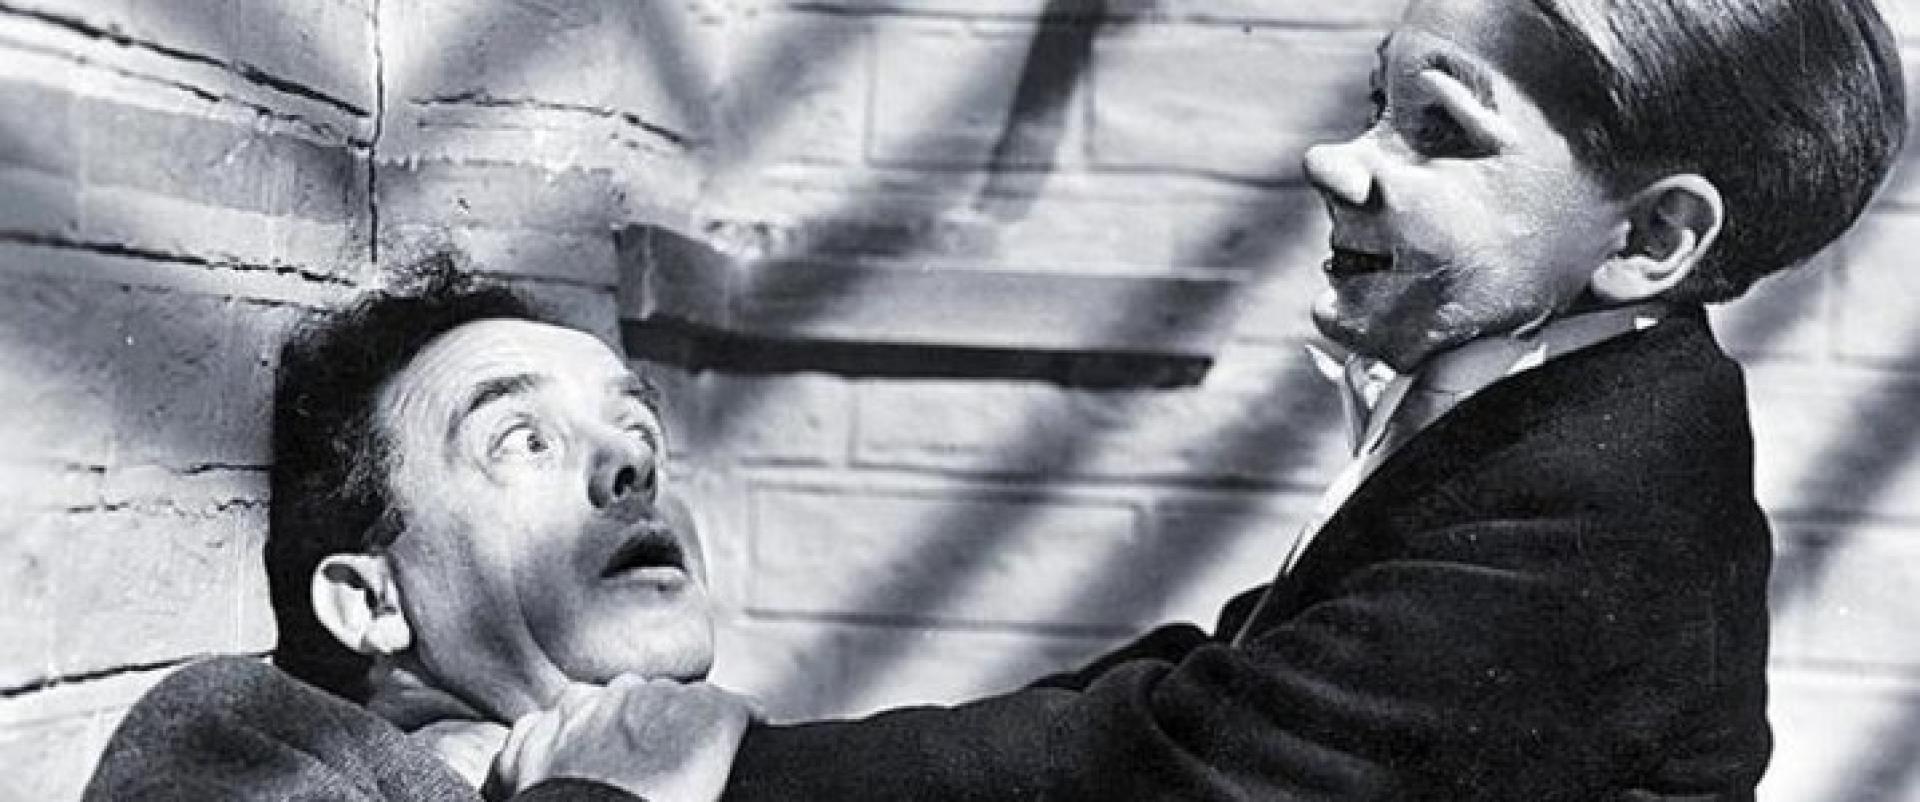 Öt játékbabás horror, amit nem ismersz, pedig kellene